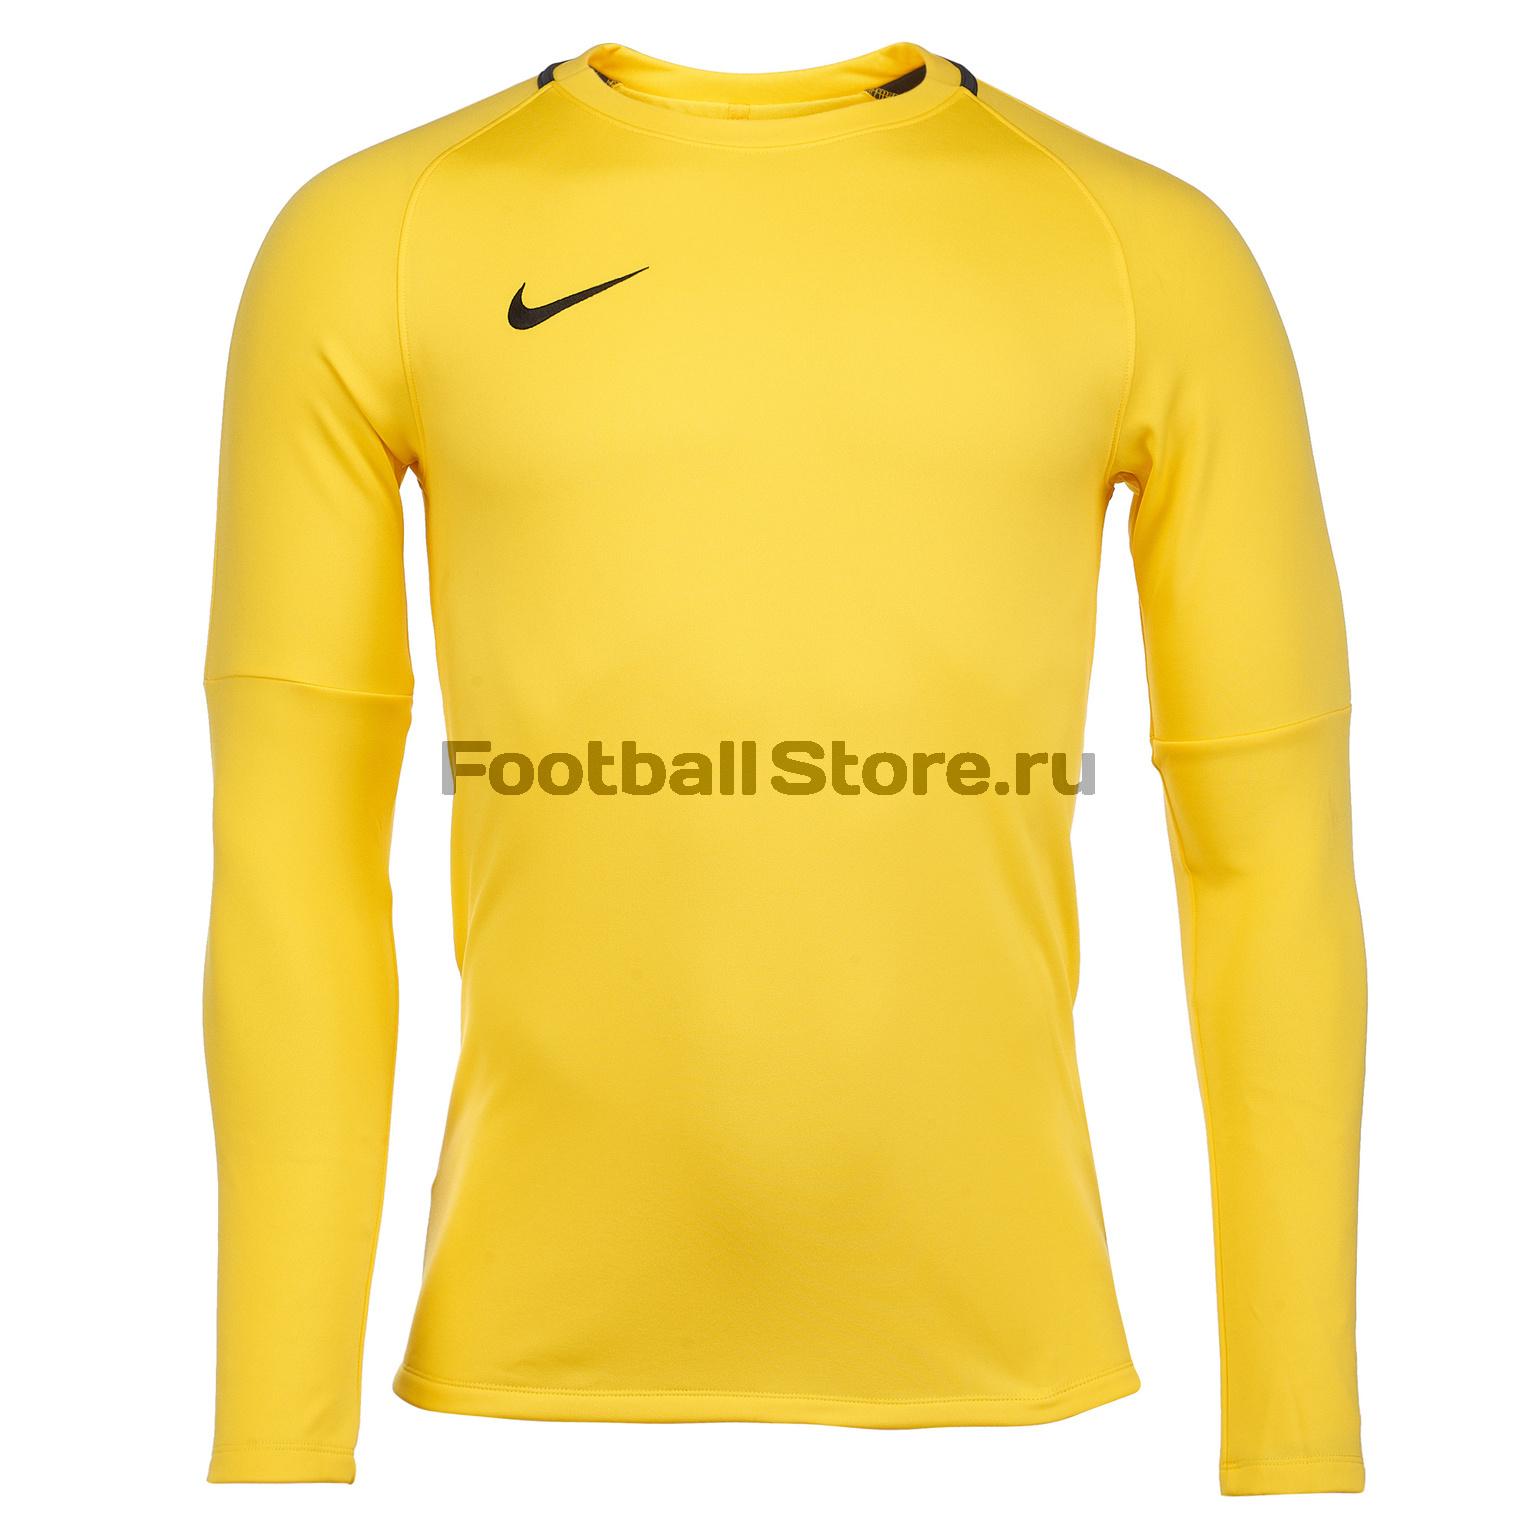 Фото - Свитер тренировочный Nike Dry Academy18 Crew Top 893795-719 свитер тренировочный nike dry academy18 dril top ls 893624 451